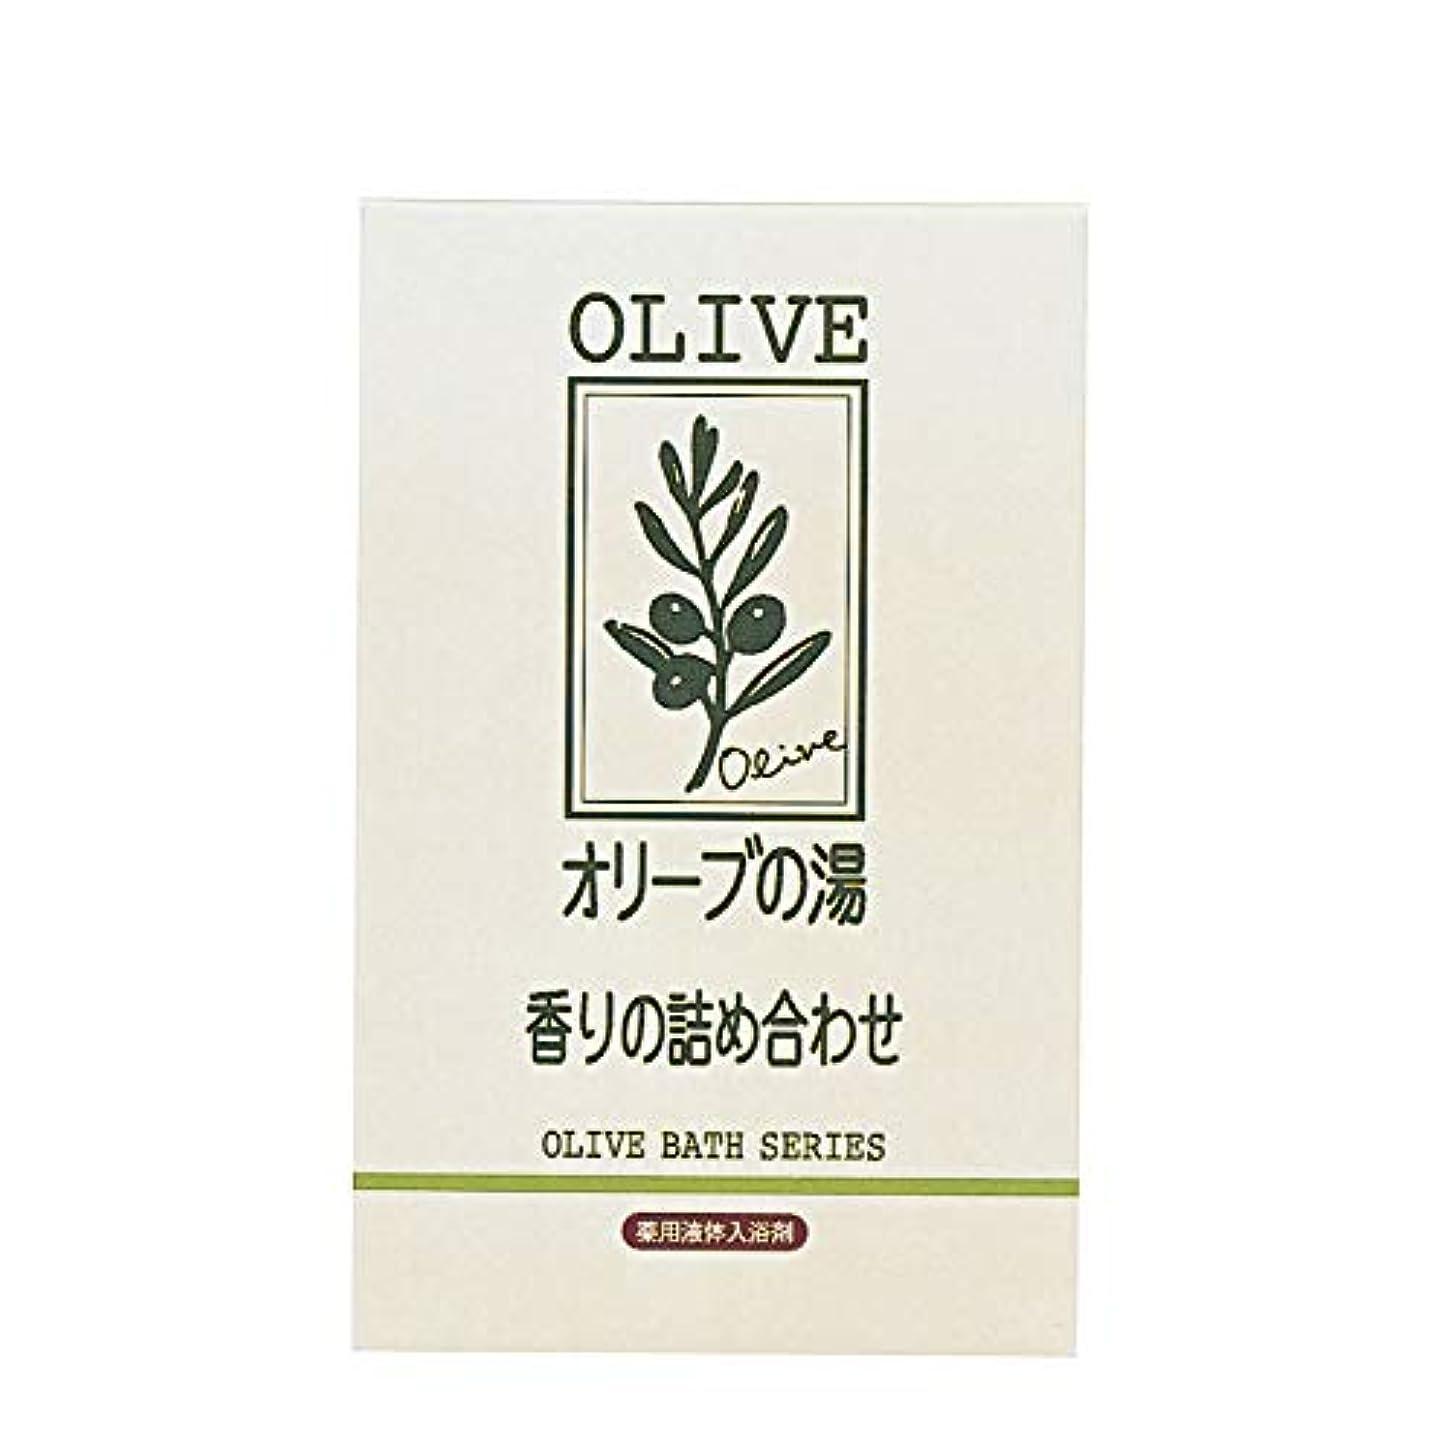 文字通りブラウズより平らな薬用オリーブの湯 香りの詰め合わせ